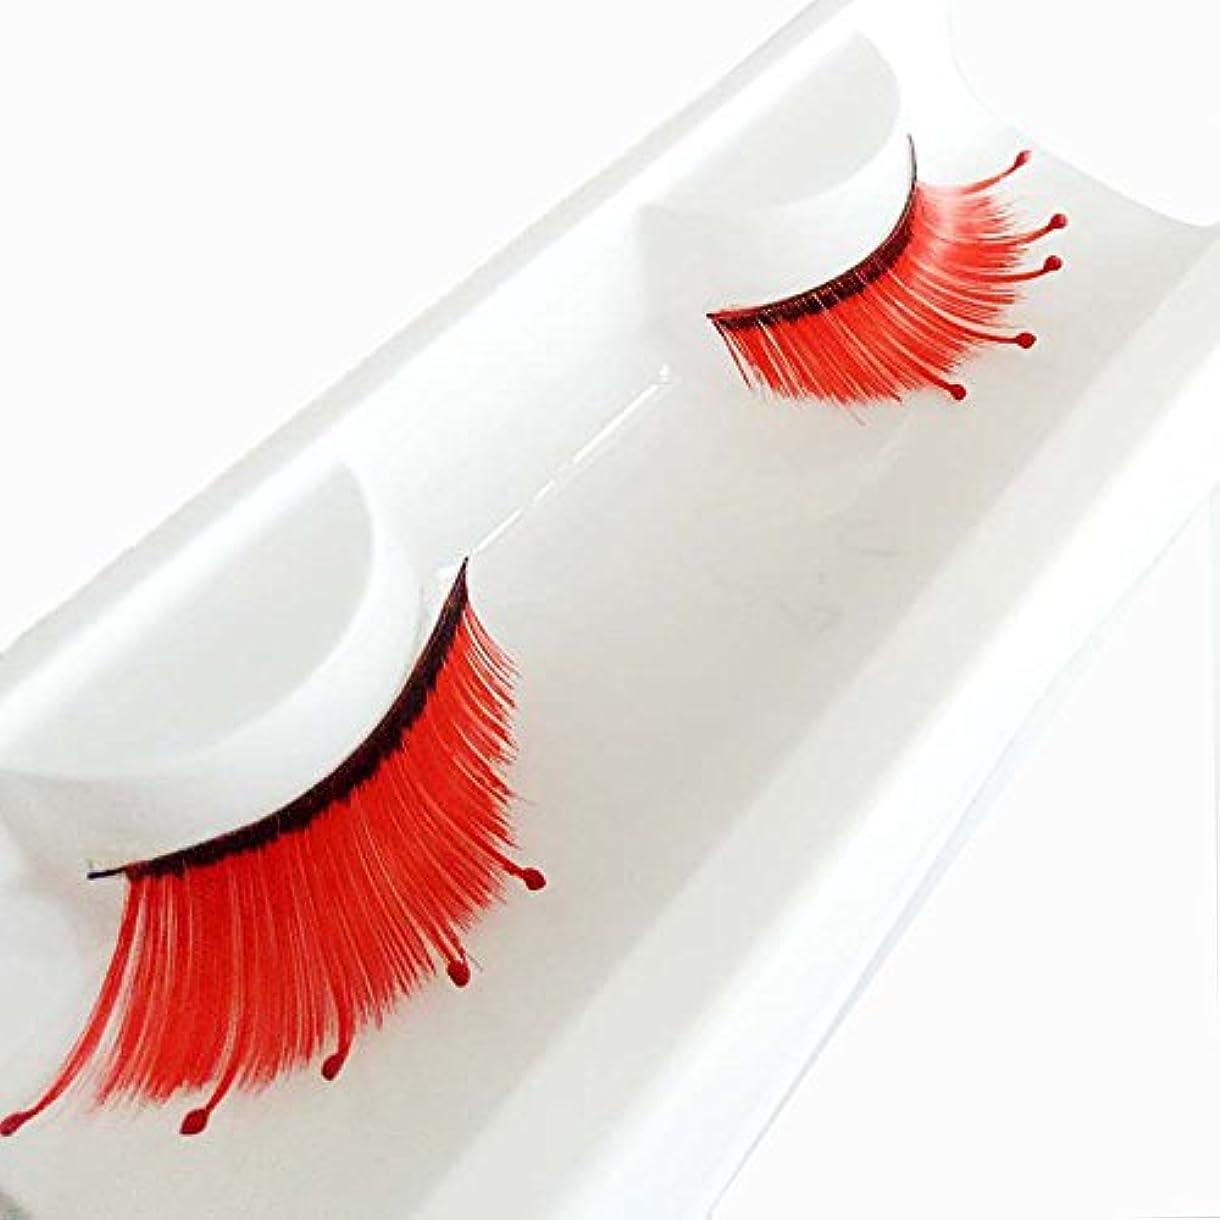 汚染するアリ遅滞つけまつ毛 人気 Kohore つけまつげ ナチュラル 人気 極薄高級繊維 付けまつげ 舞台 つけまつ毛 長い 濃密 赤 ハロウィン コスプレ 1ペア おすすめ 3D 高級ミンクつけまつげ 上まつげ用 パーティー アイラッシュ